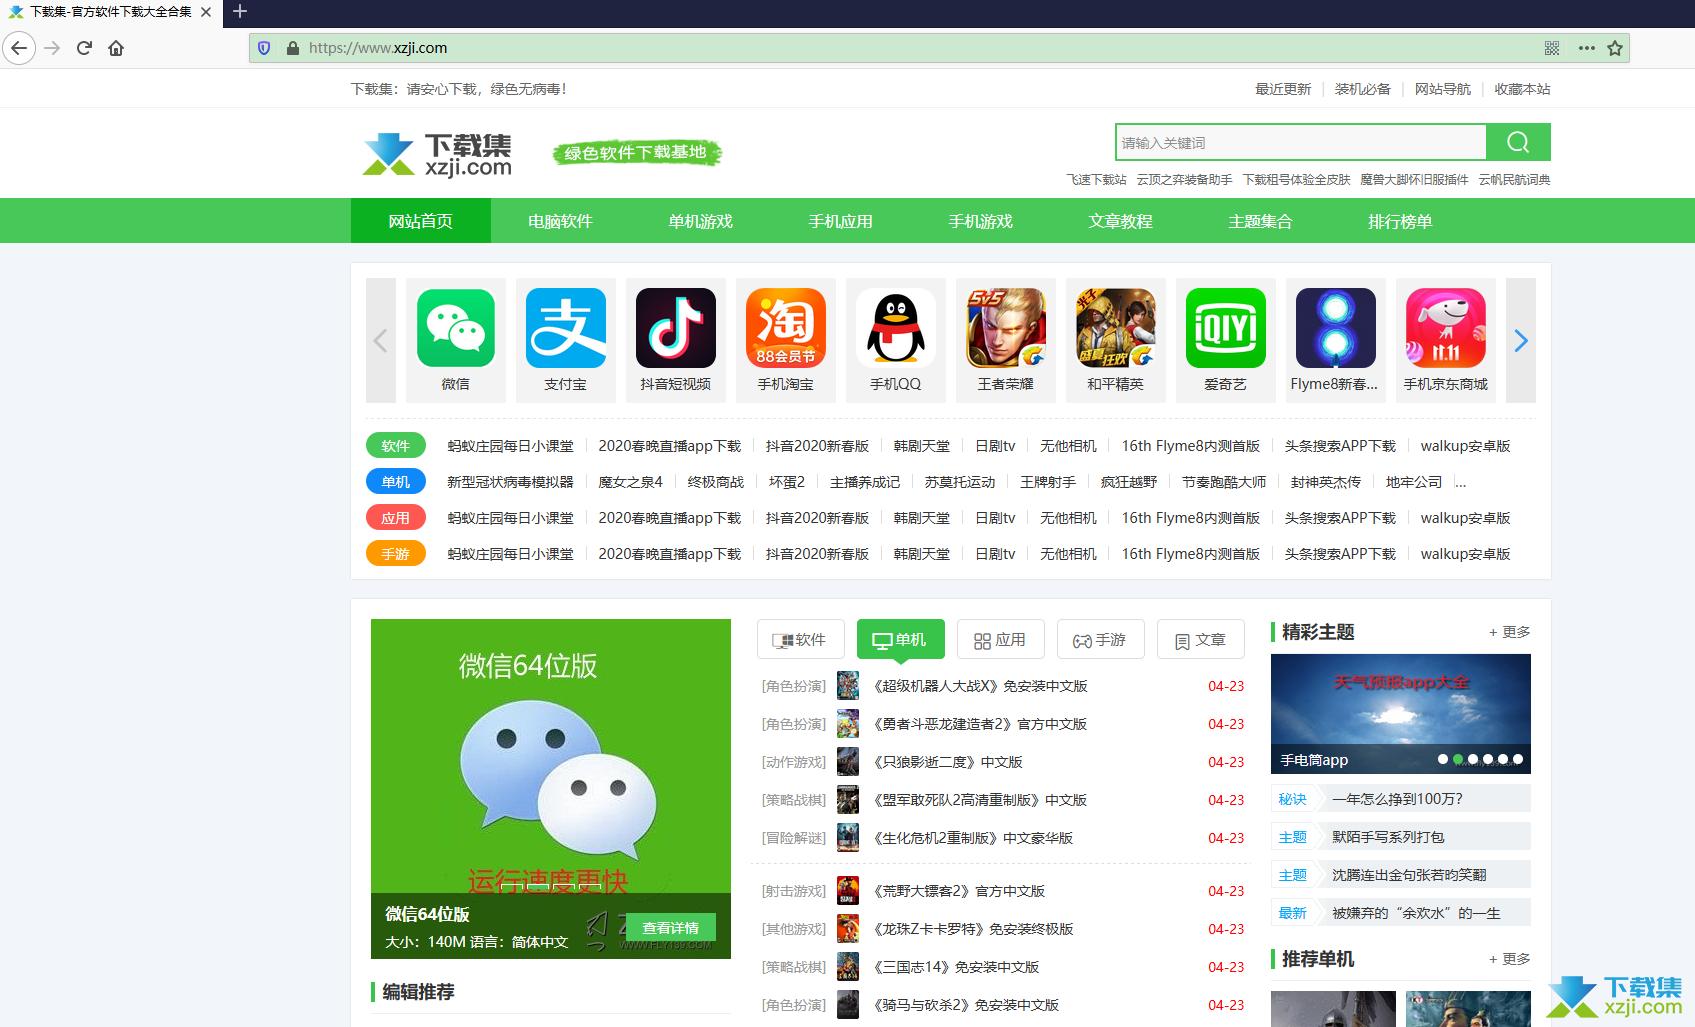 火狐浏览器界面1